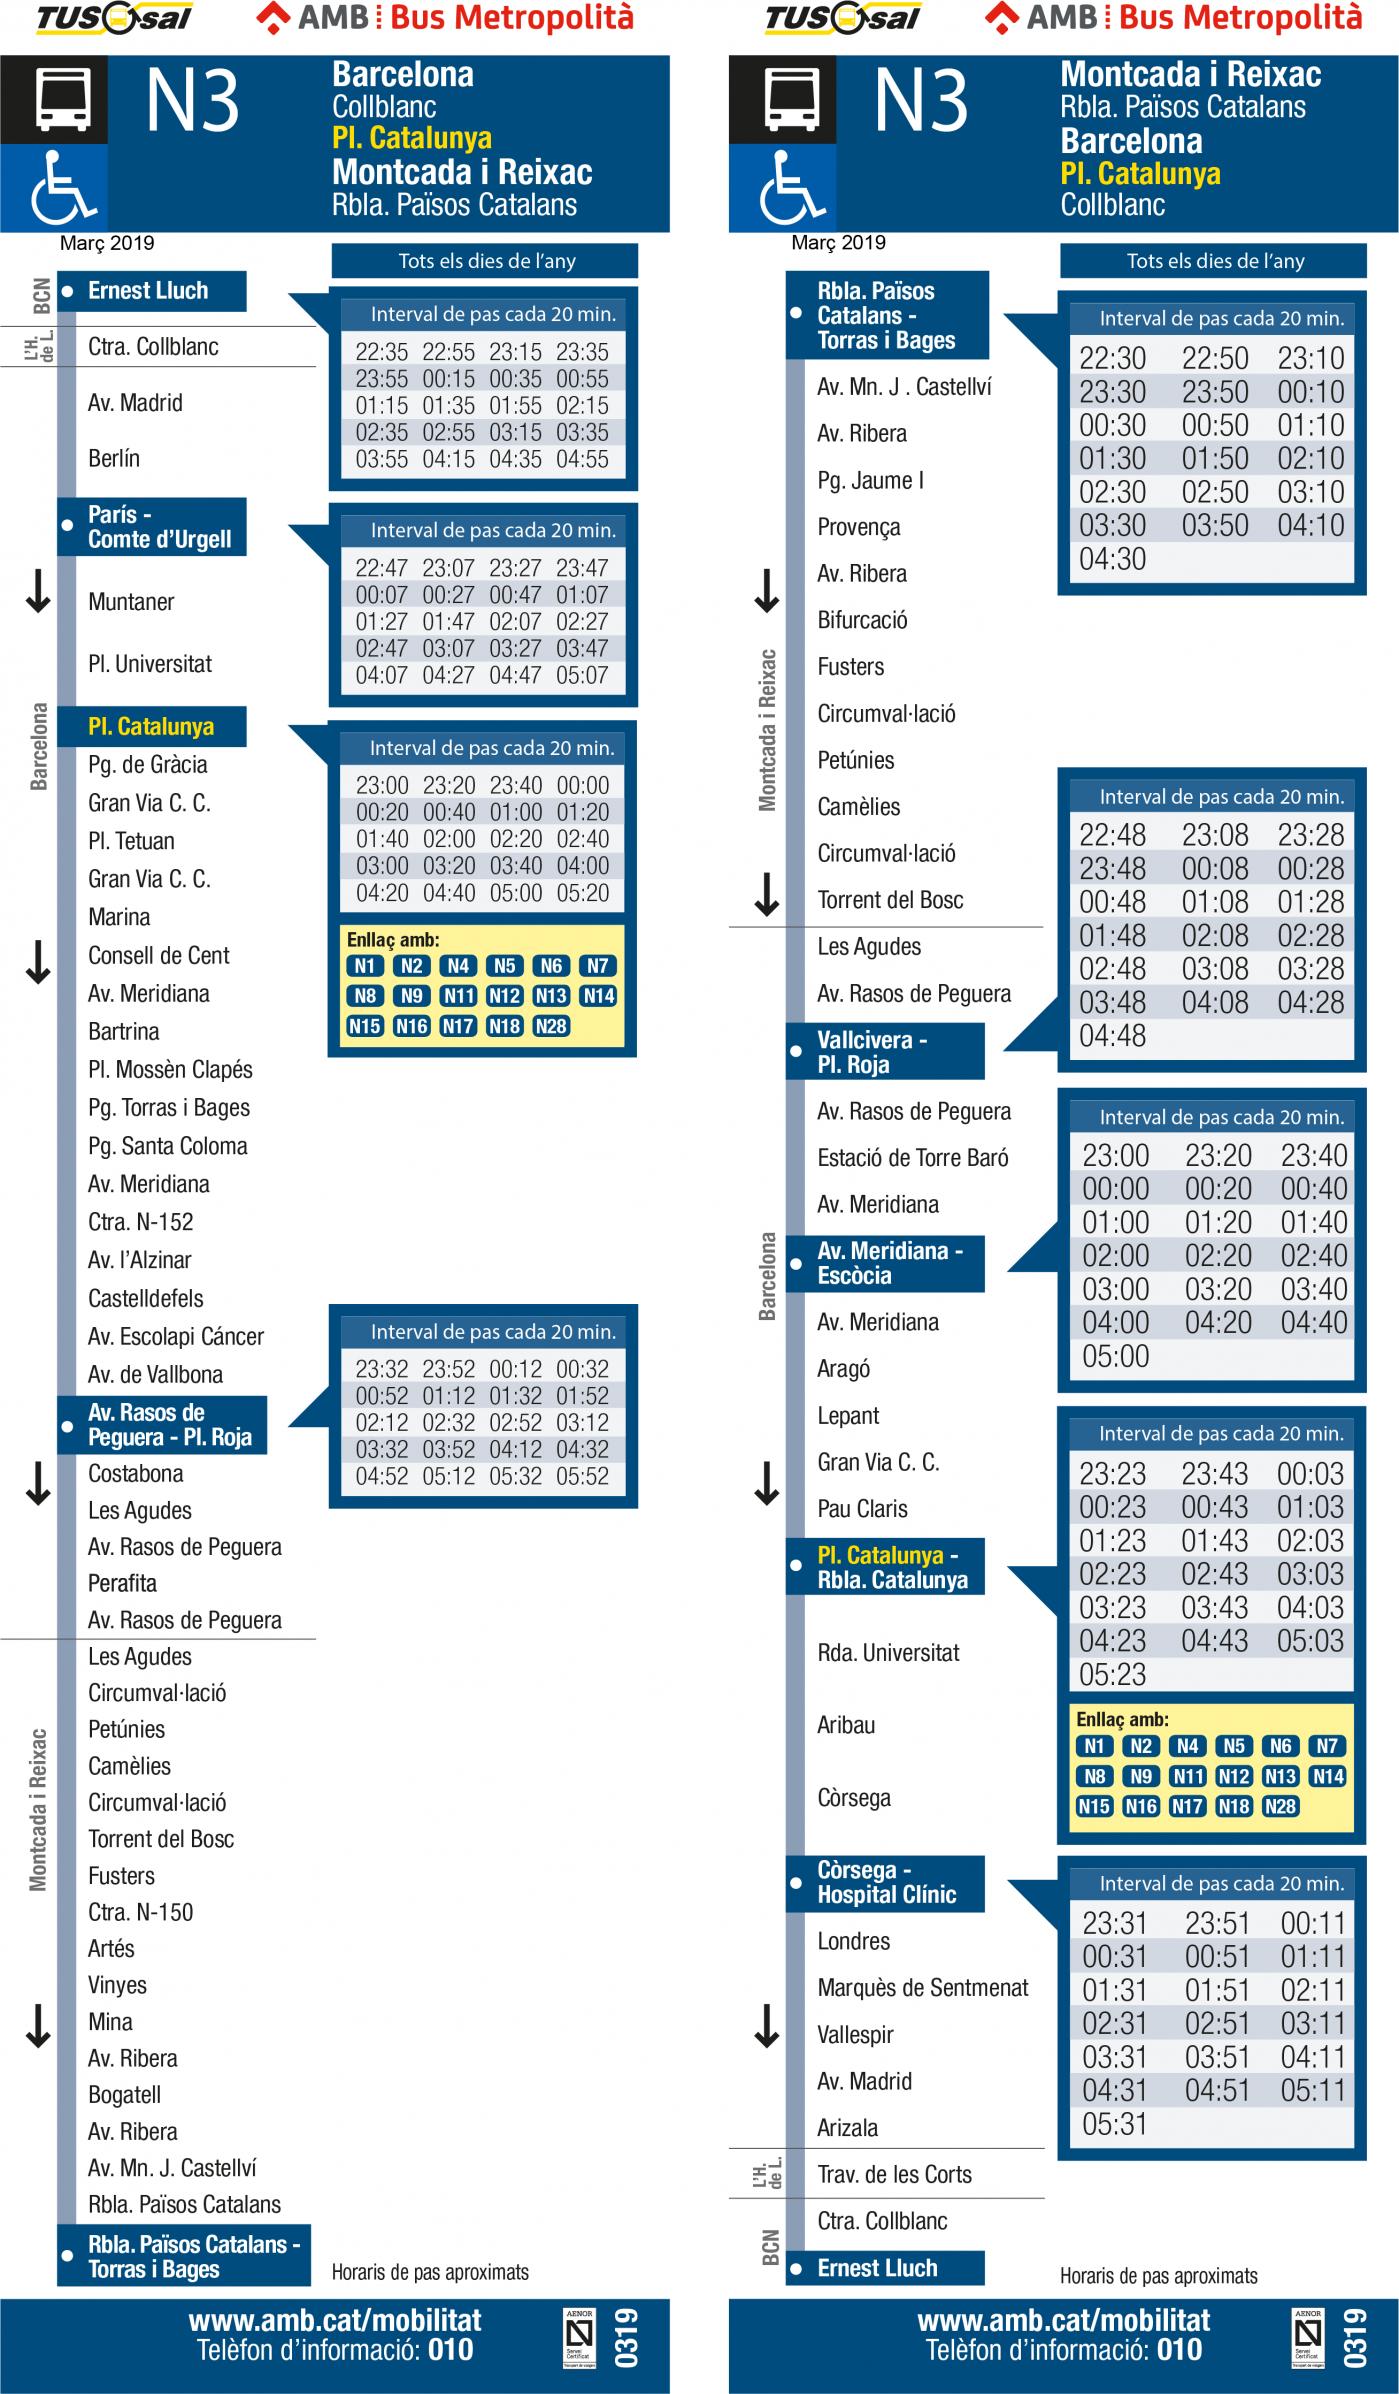 Tabla de horarios y frecuencias de paso Línea N3: Barcelona (Collblanc - Plaça Catalunya) - Montcada i Reixac (Rambla Països Catalans)